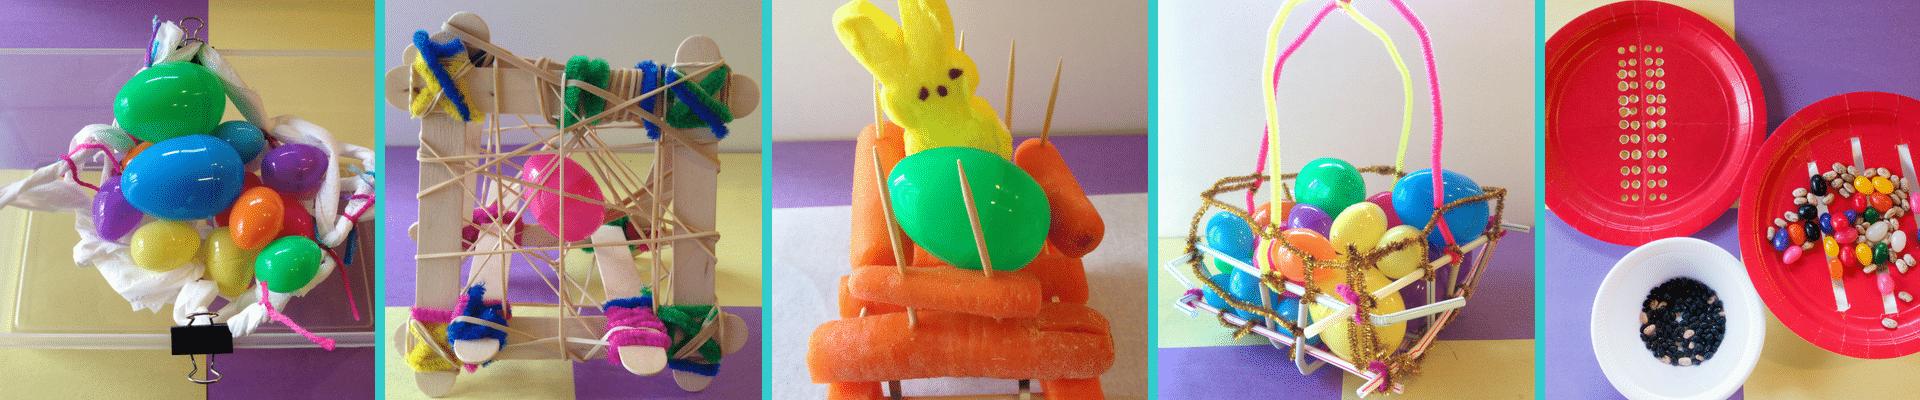 Easter STEM Challenge Activities